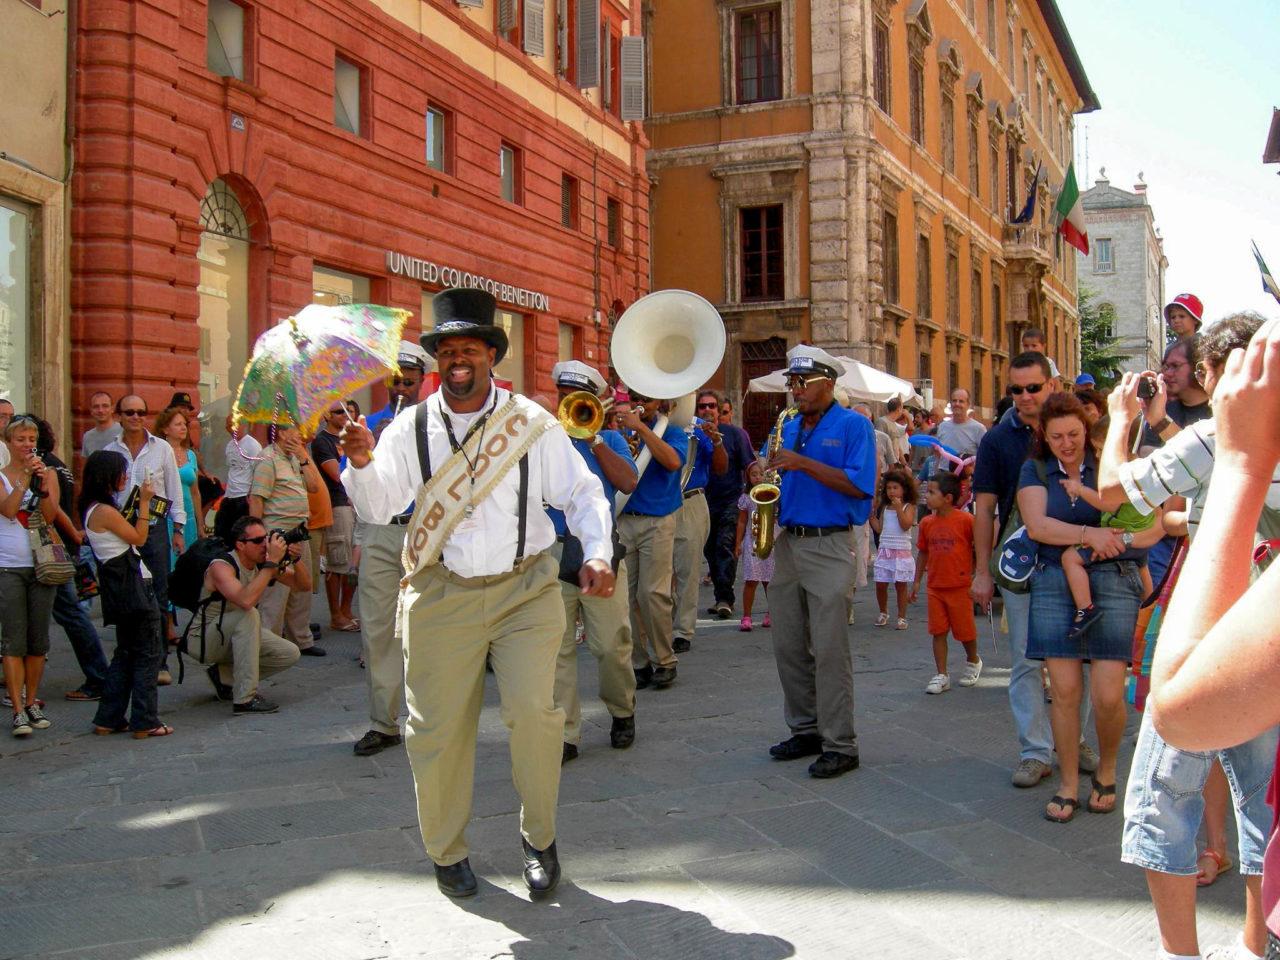 Джаз-оркестр на улицах Перуджи во время Umbria Jazz